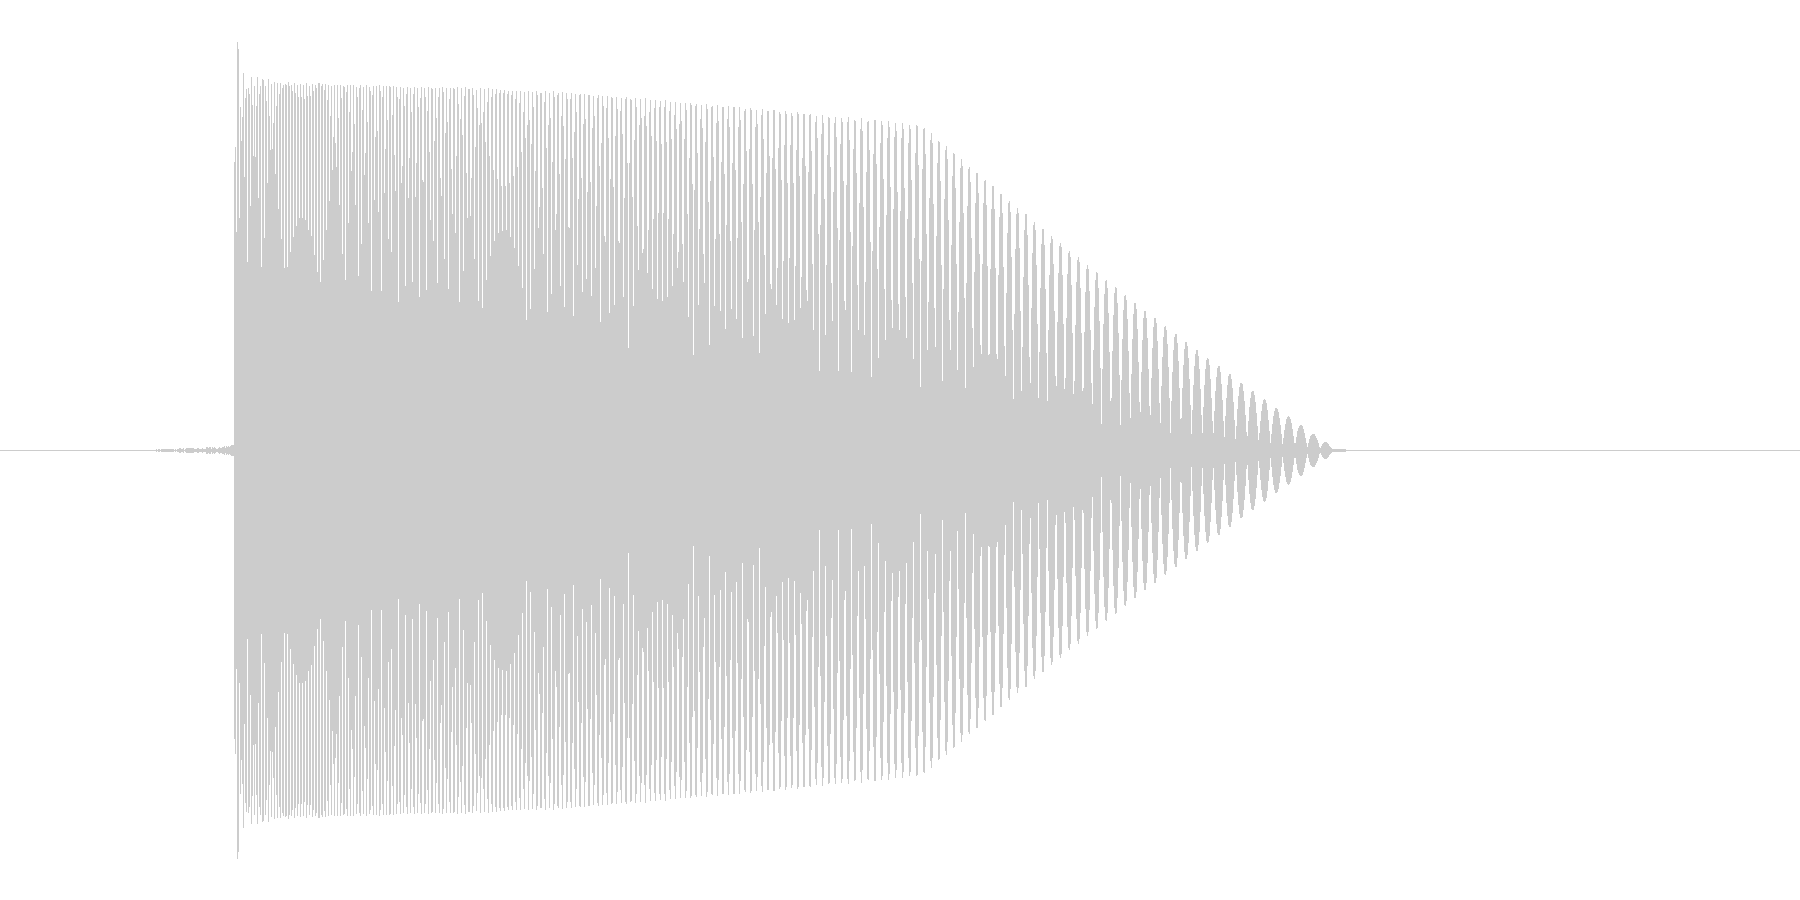 ゲーム(ファミコン風)レーザー音_035の未再生の波形